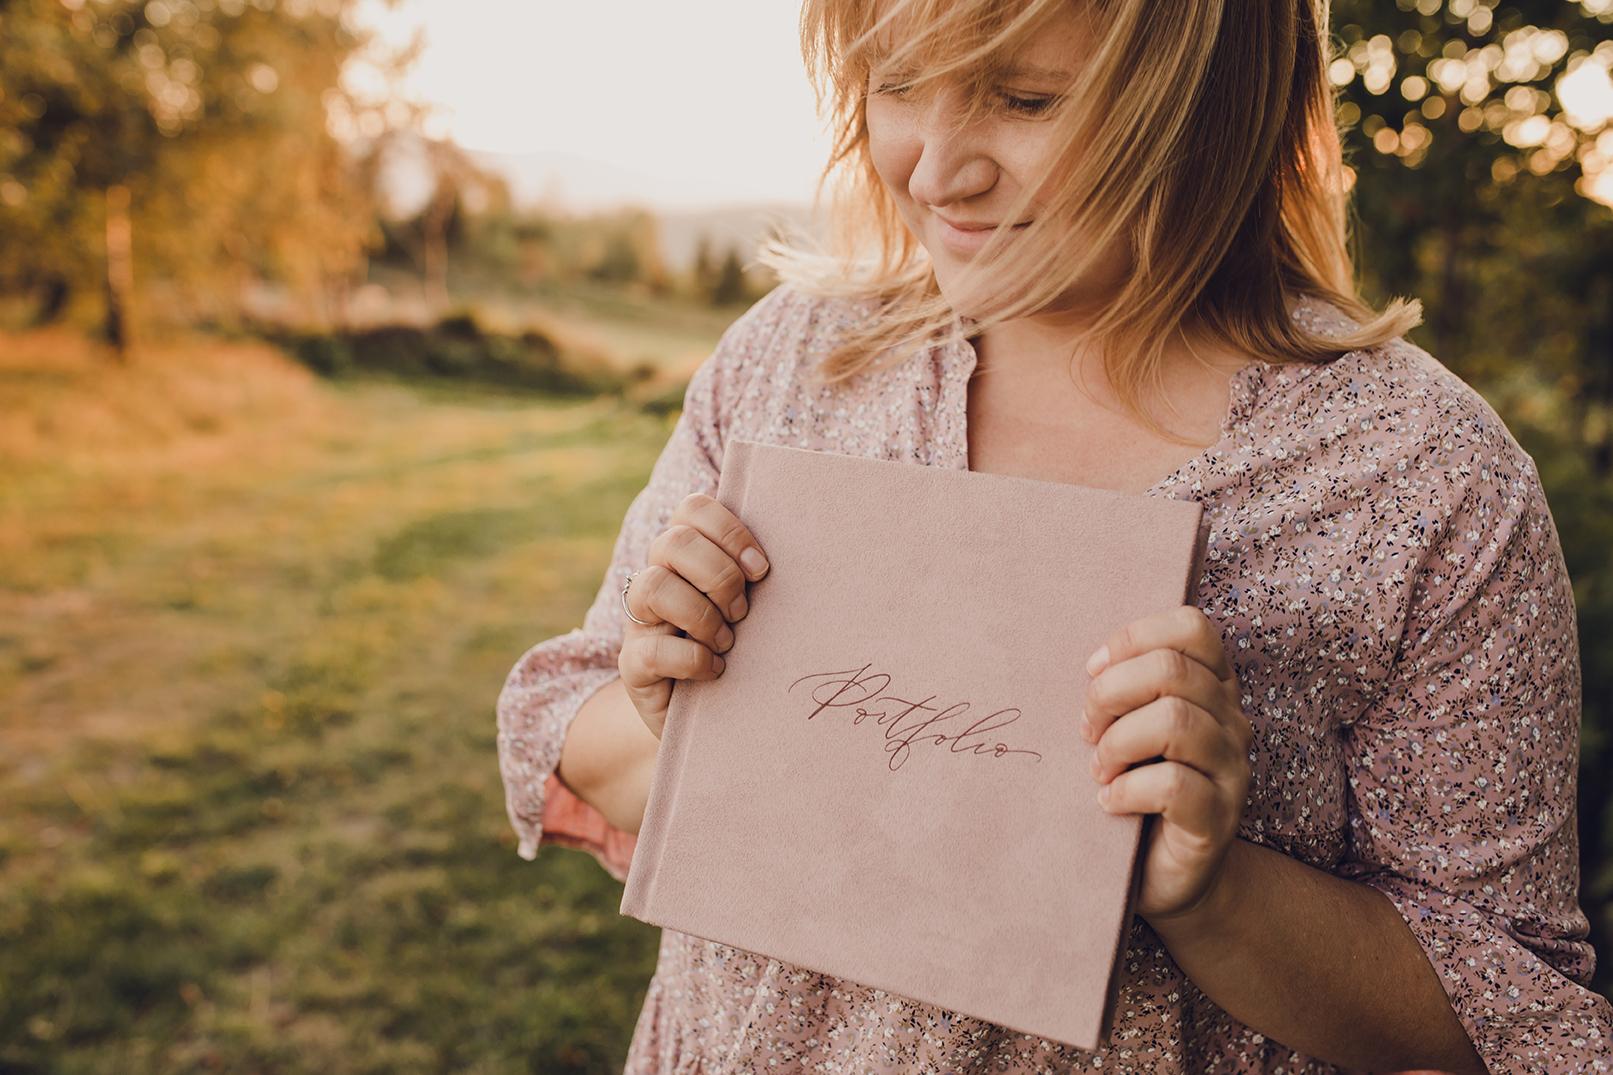 dziewczyna trzyma album fotograficzny, pudrowy róż, napis portfolio, crystal albums